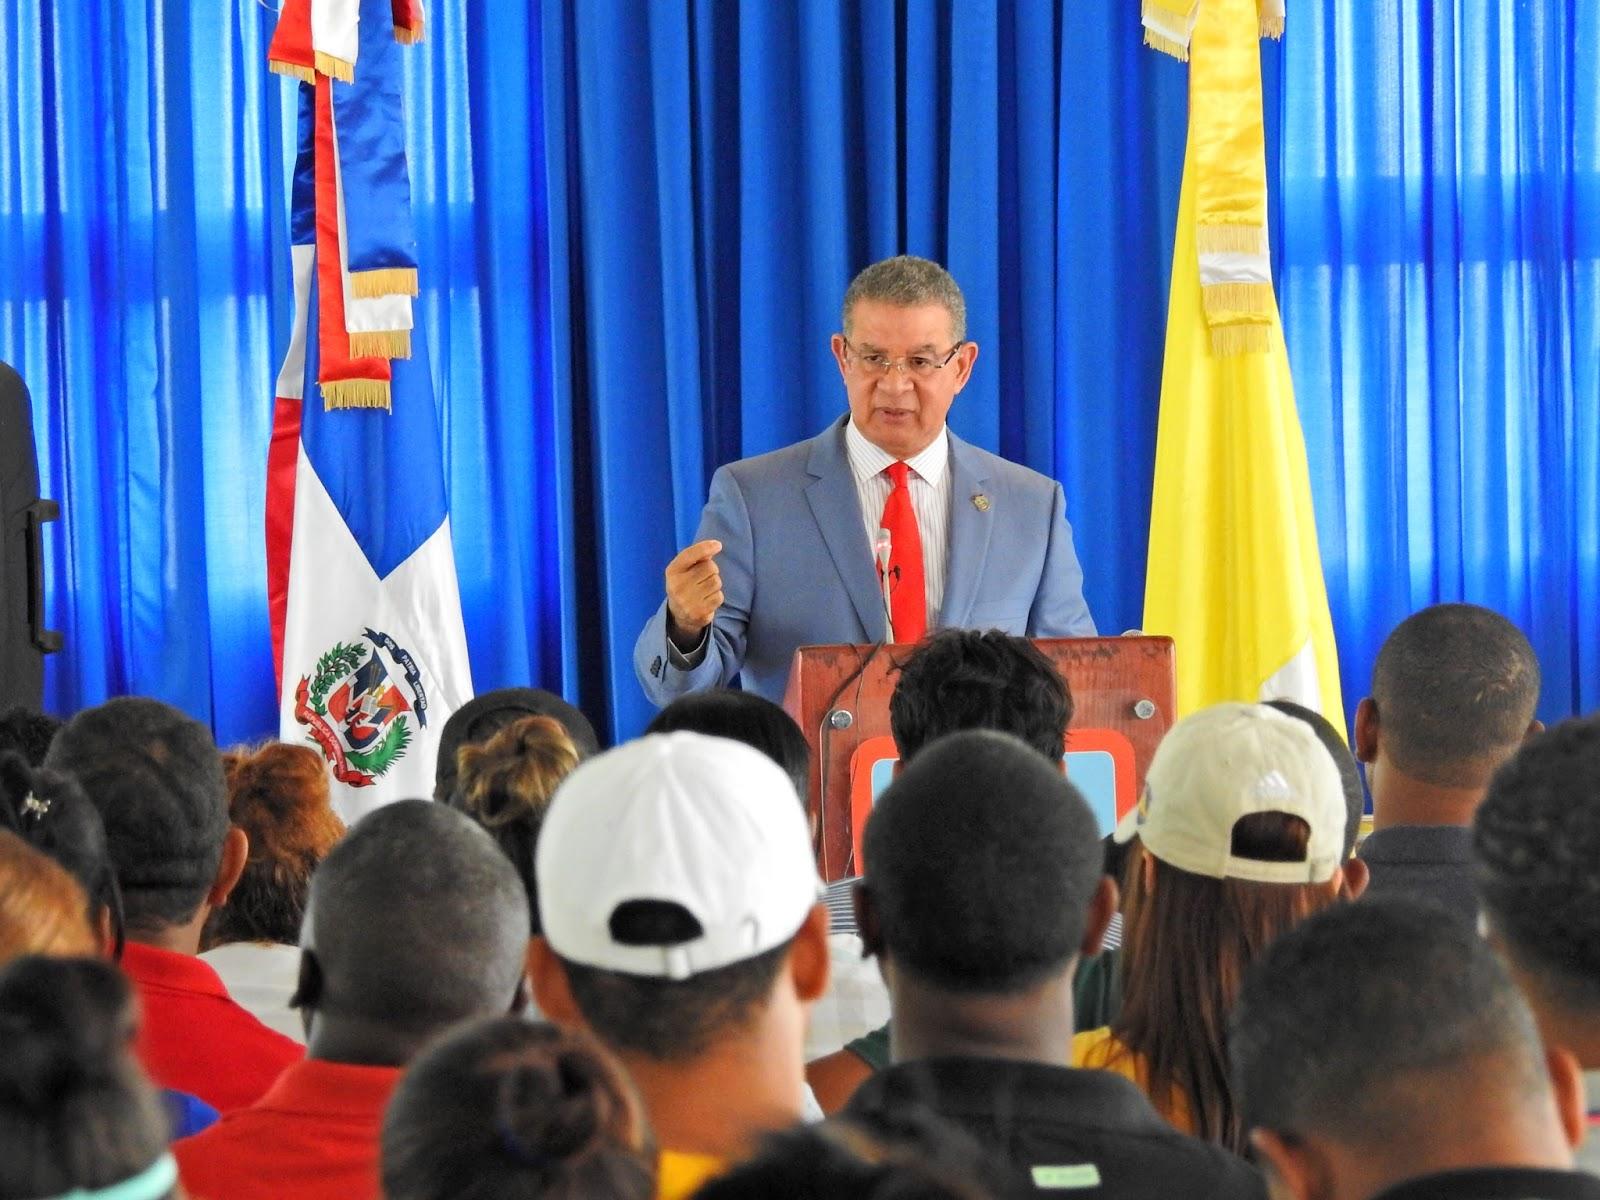 Juez del Tribunal Constitucional dicta conferencia en UCATEBA sobre el origen y valor de los símbolos patrios